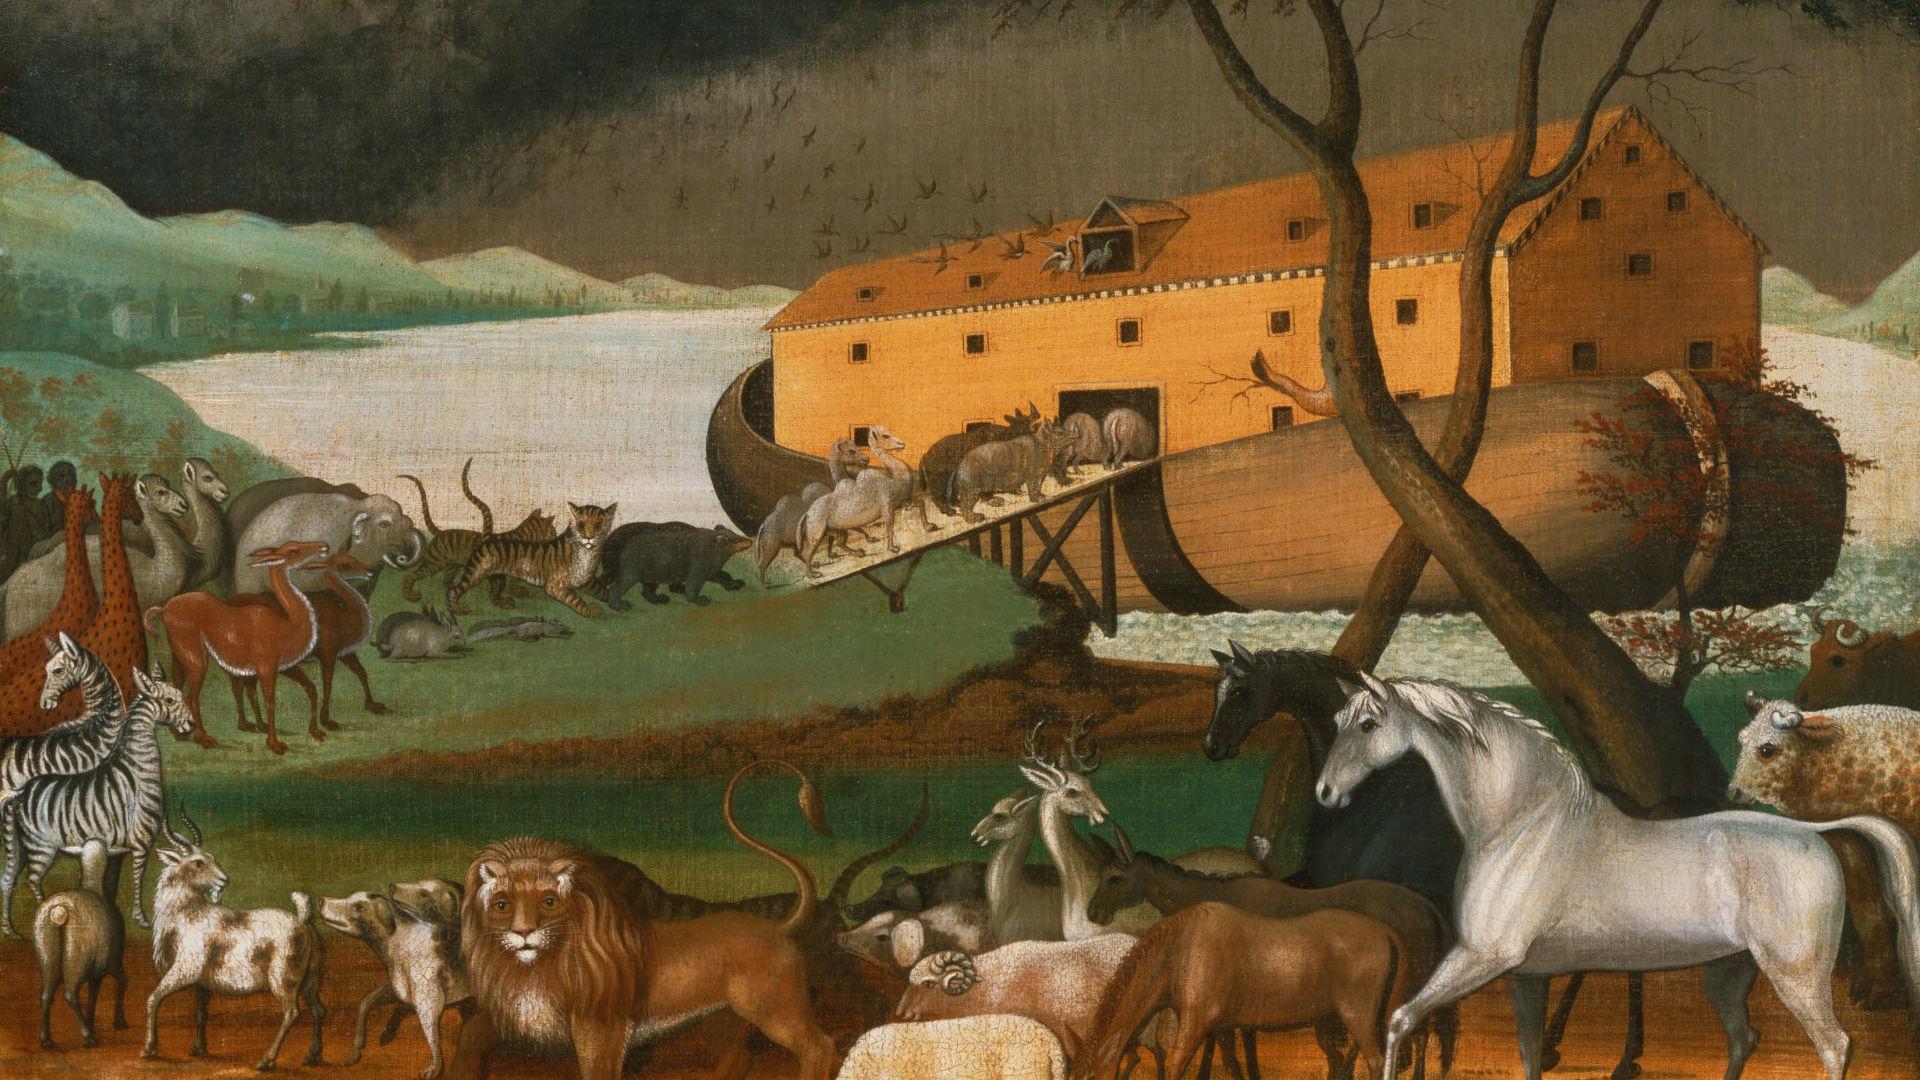 Le déluge, mythe fondateur et récit de création